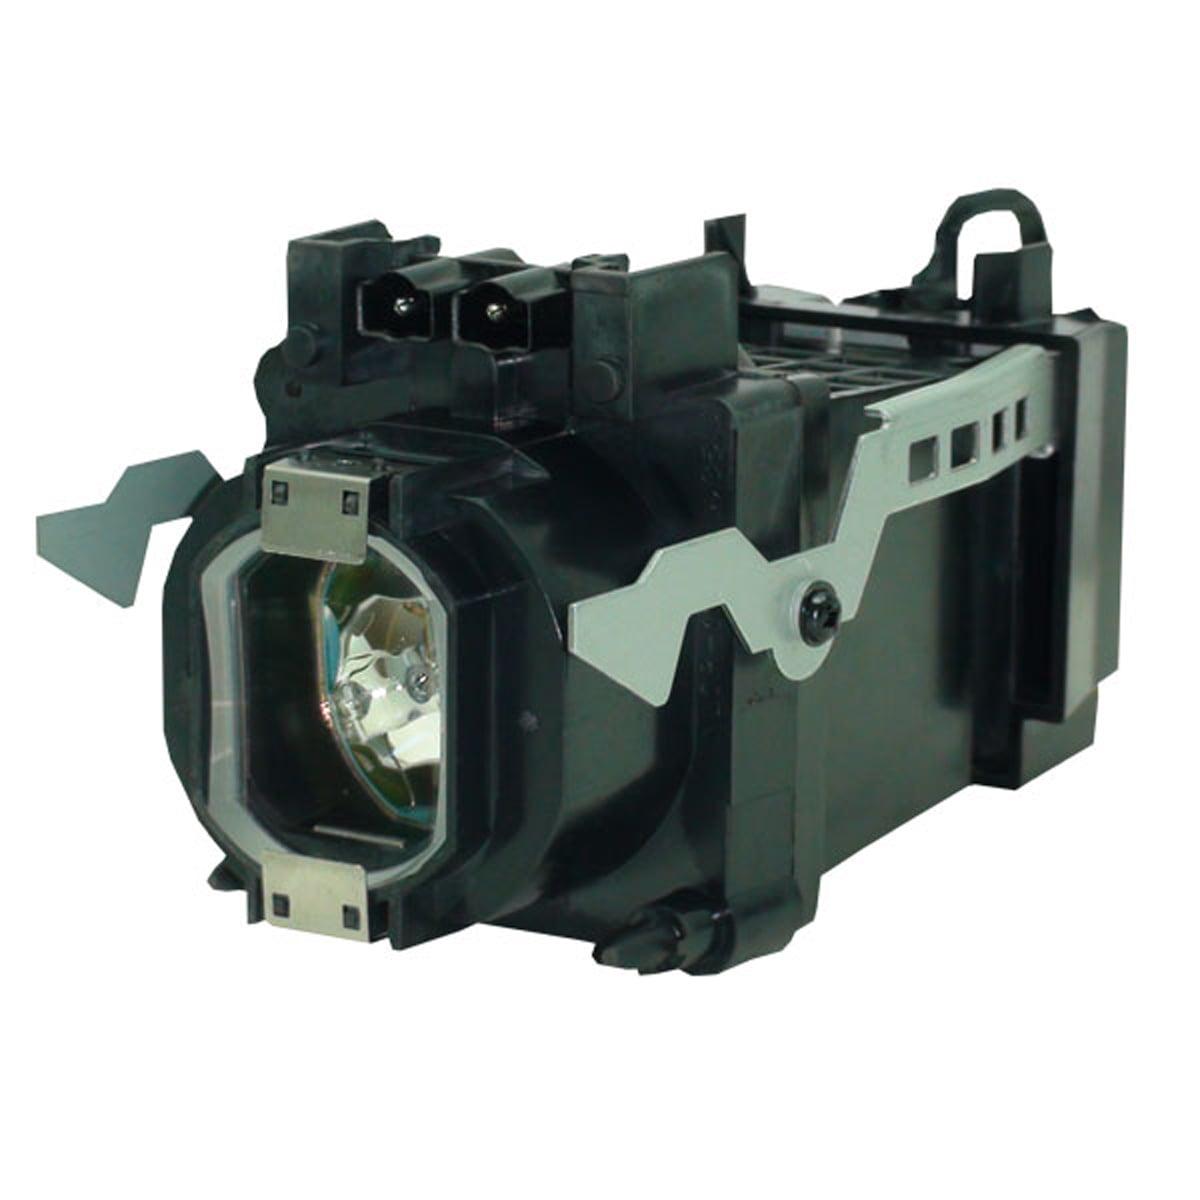 Osram Neolux Lamp Housing For Sony KDF-42E2000 / KDF42E20...